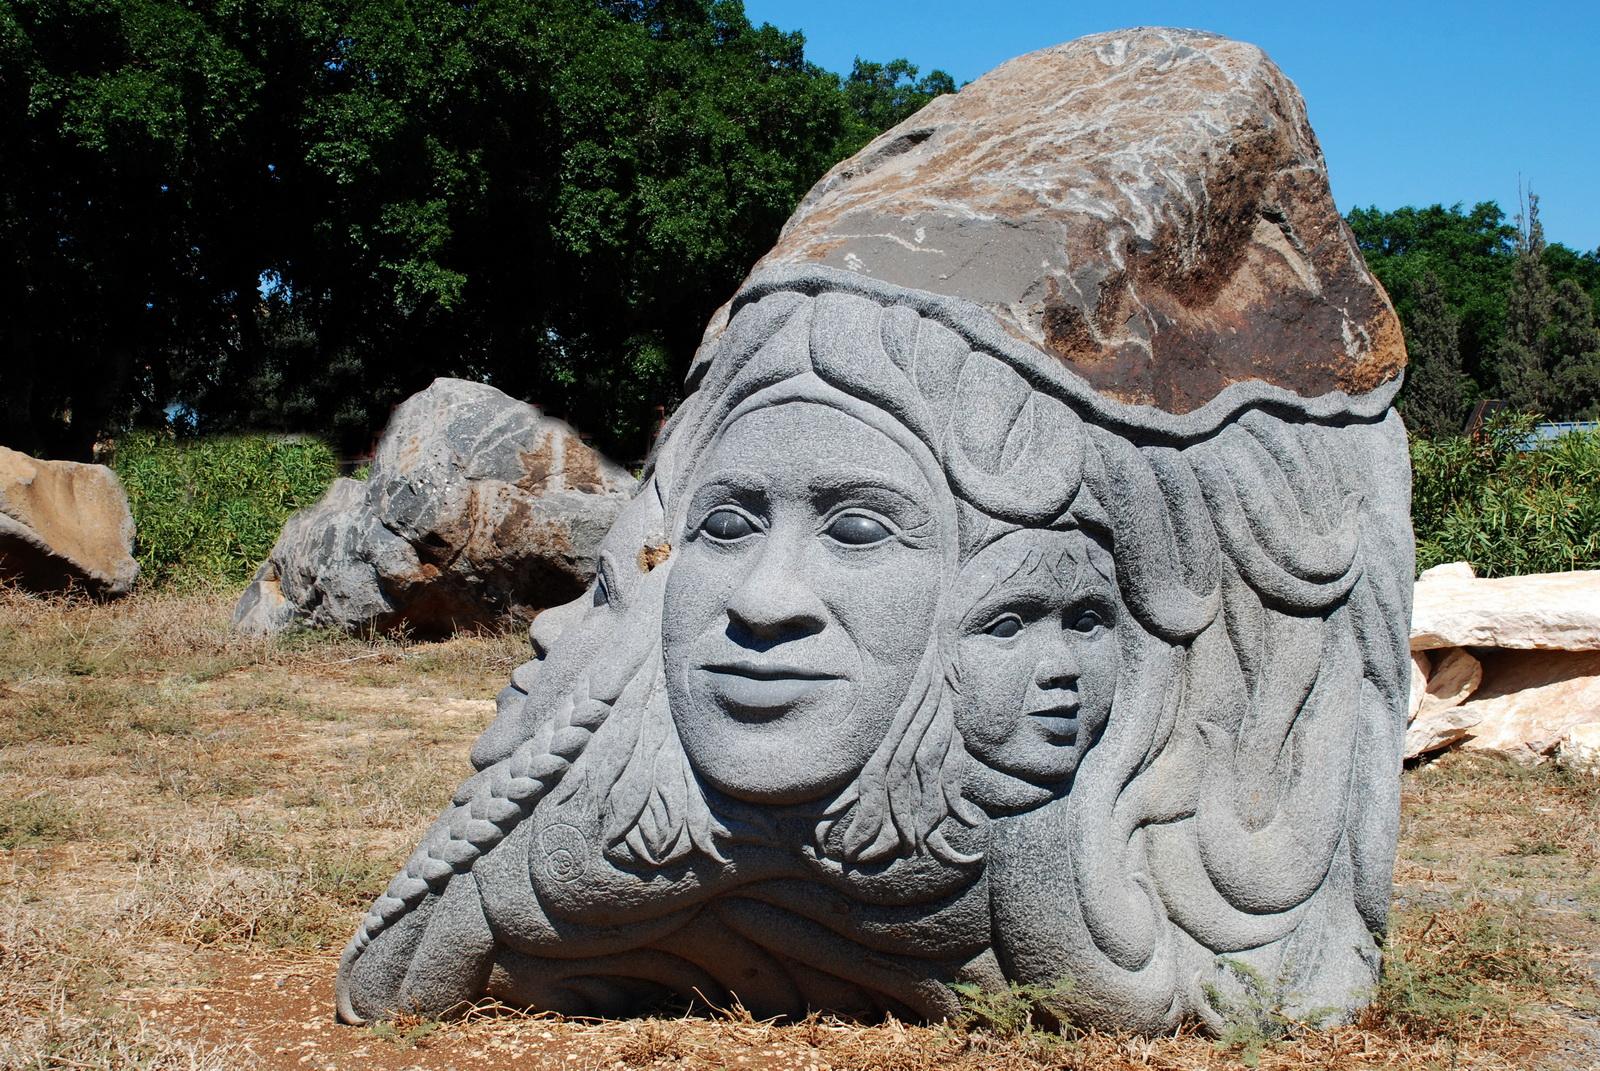 פסל בזלת של דגן - משפחה